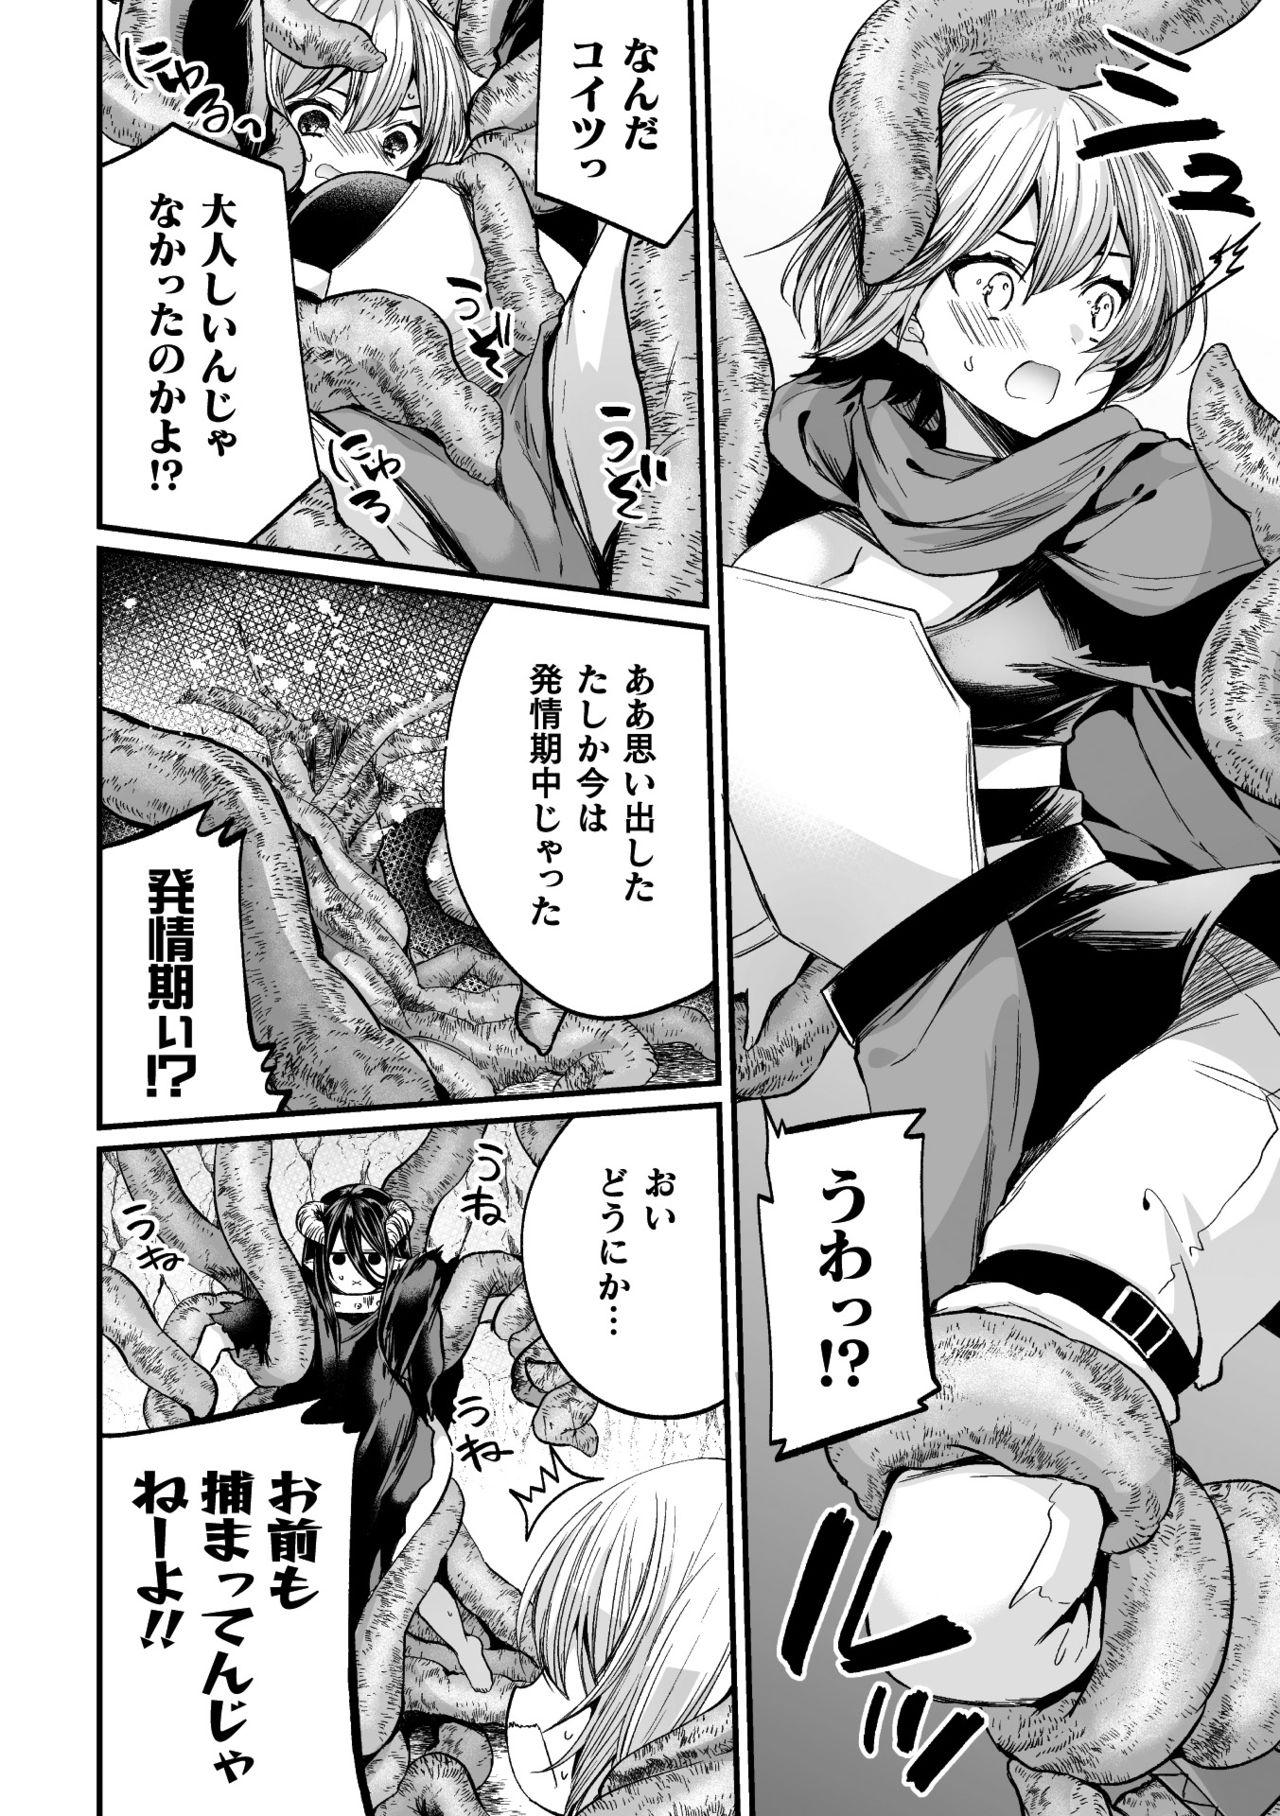 2D Comic Magazine Mesu Ochi! TS Ero Trap Dungeon Vol. 3 27